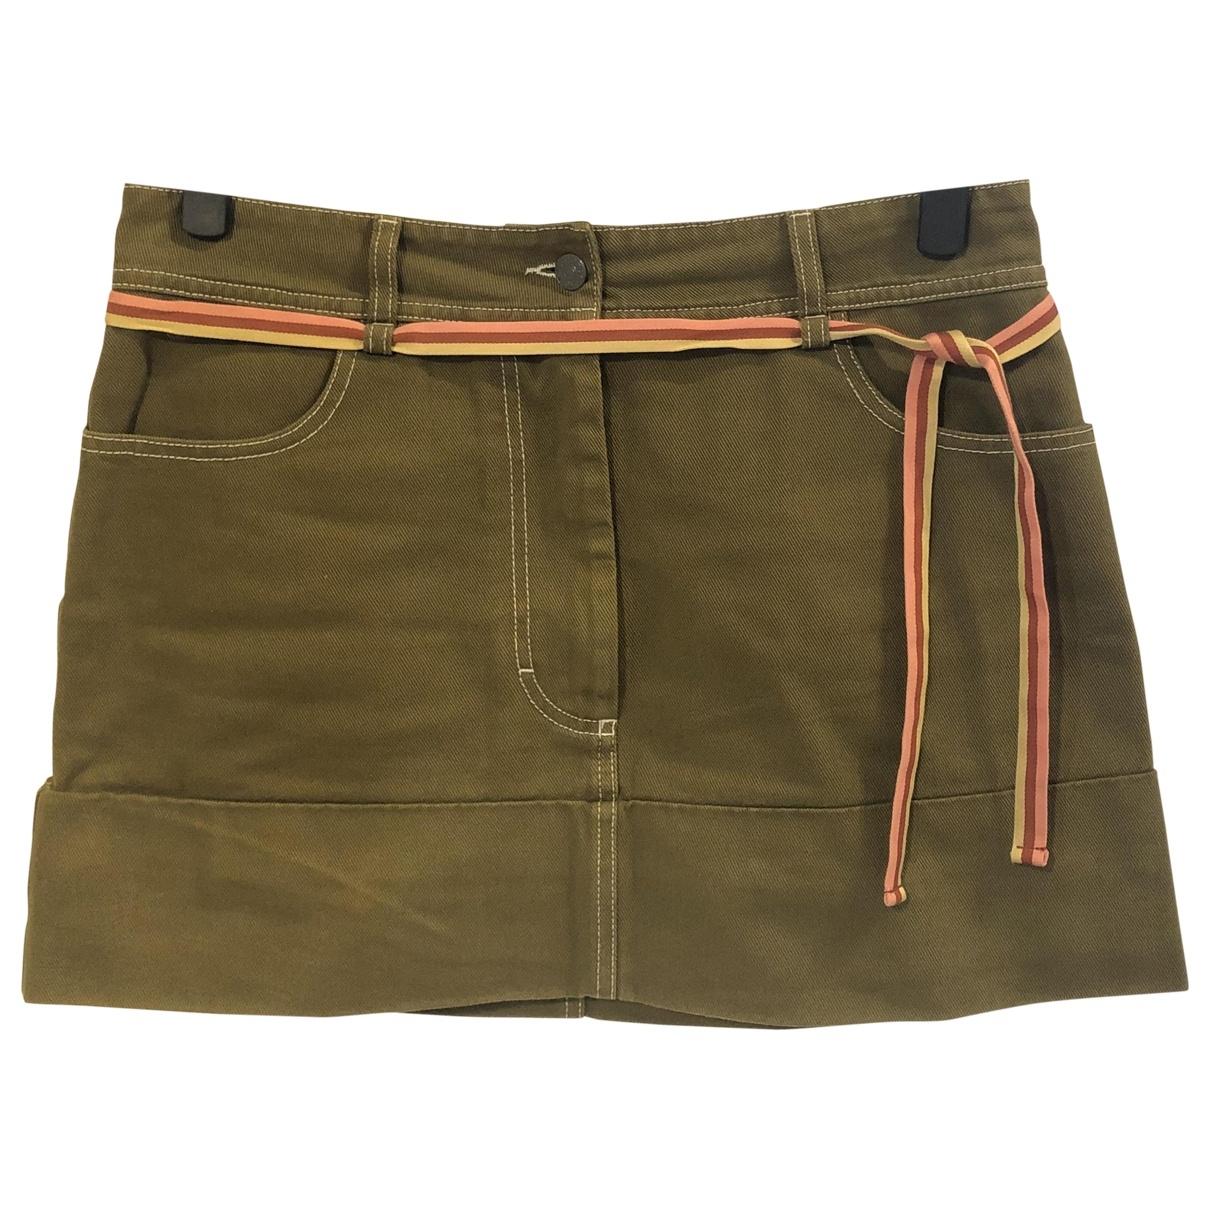 Acne Studios Blå Konst Green Cotton skirt for Women 44 IT